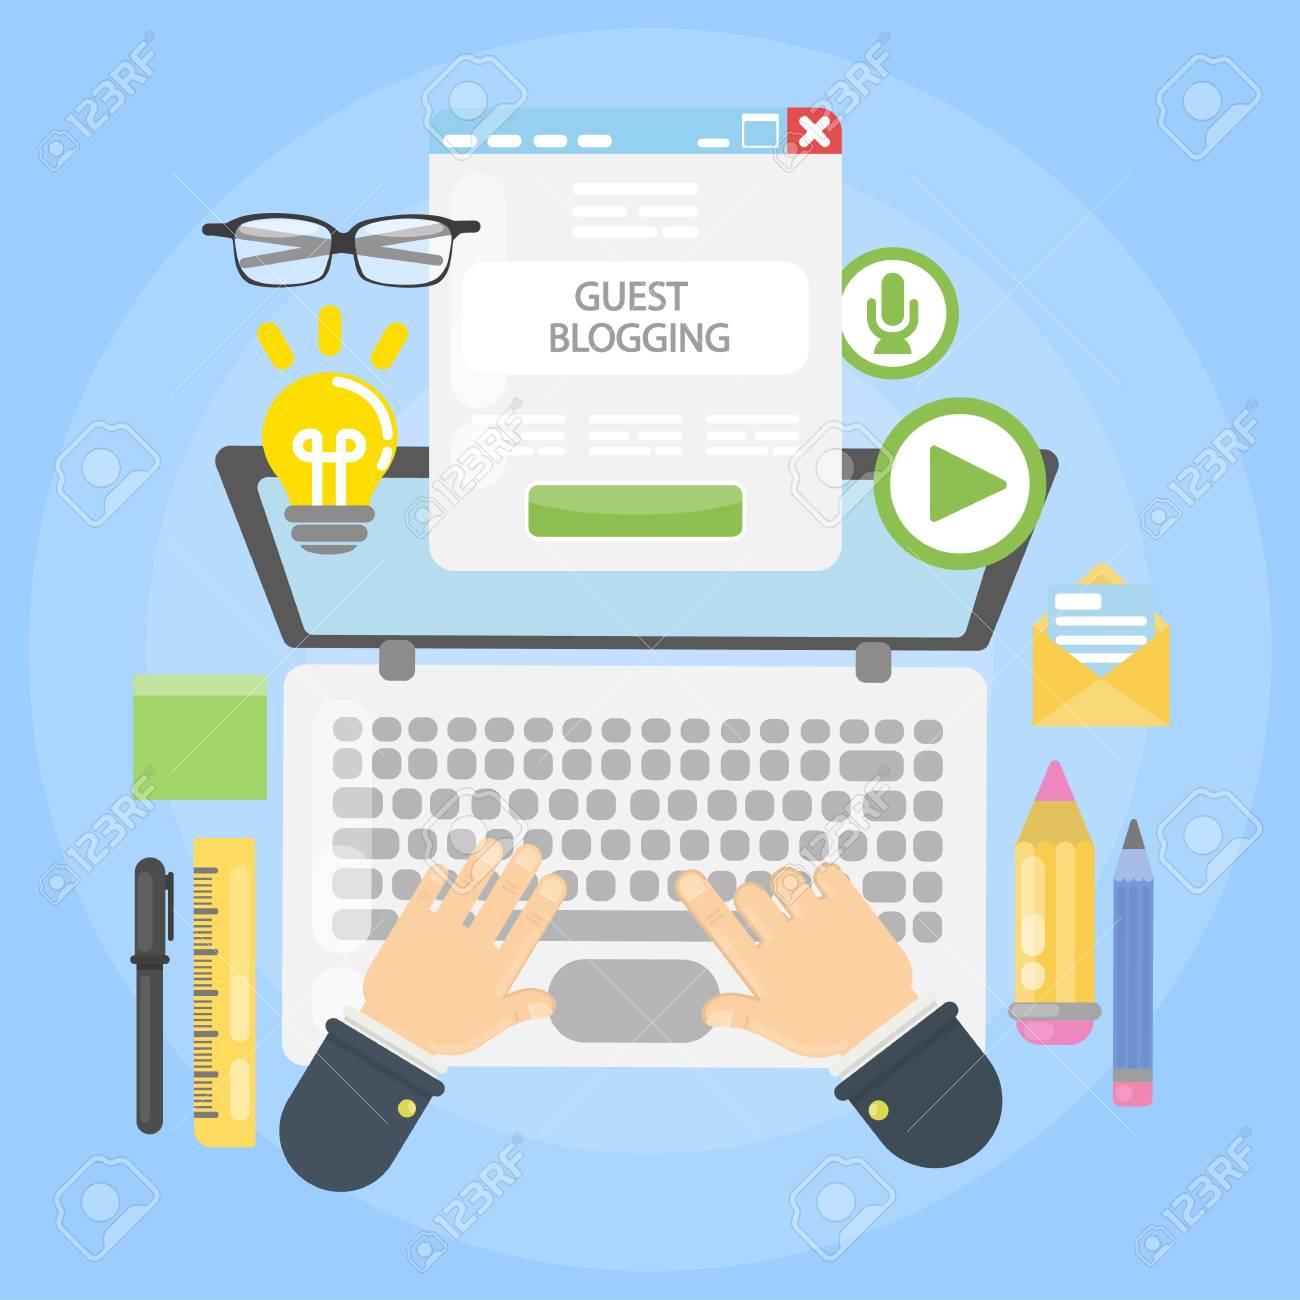 Guest blogging desk on plain background. - 93530720